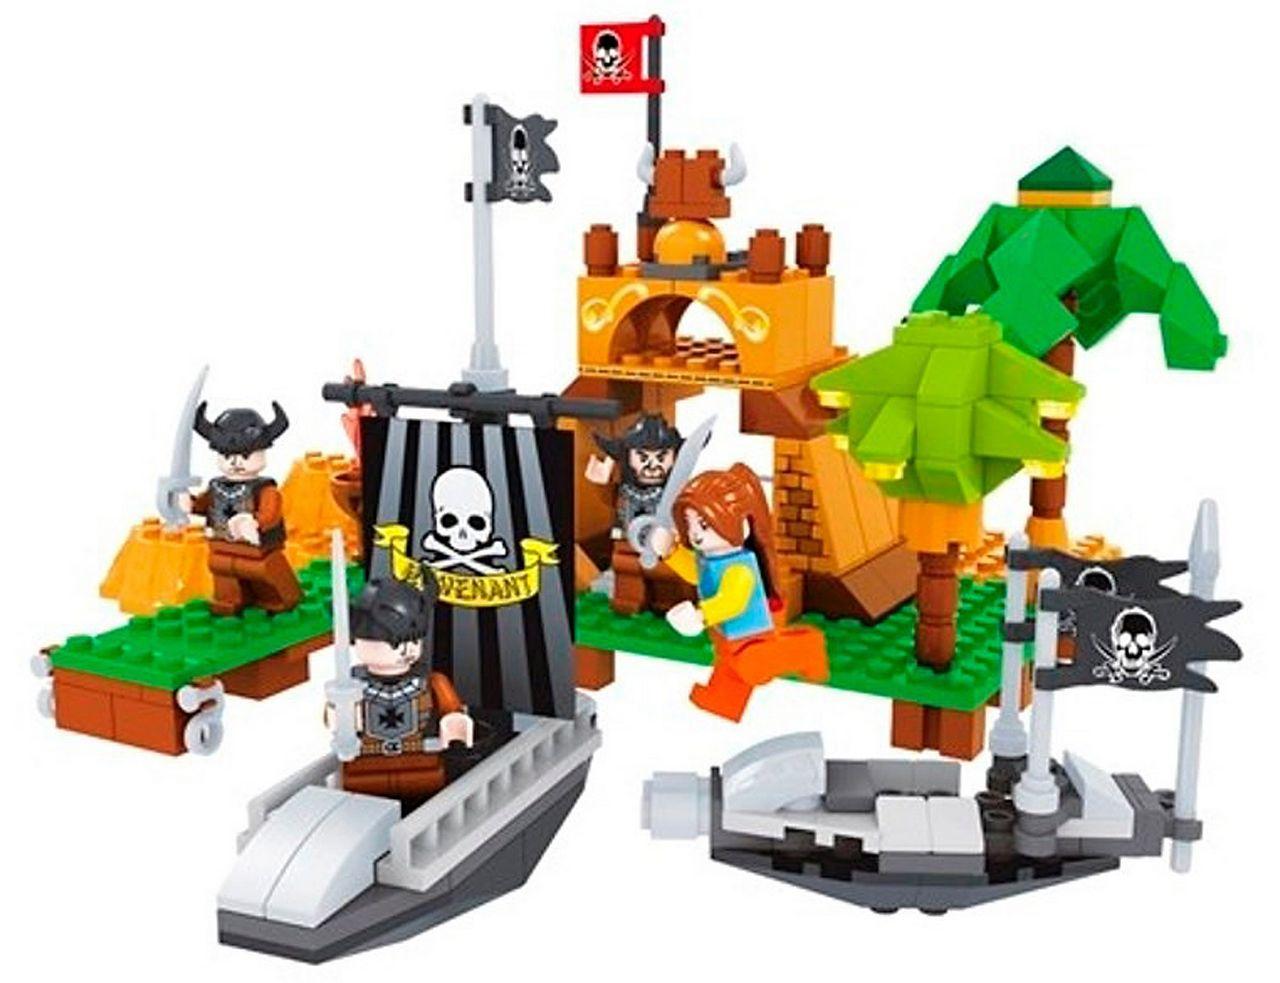 Bloco De Montar Infantil 226 Peças Piratas Certificado Inmetro Nível Dificuldade Médio Original Vip Toys